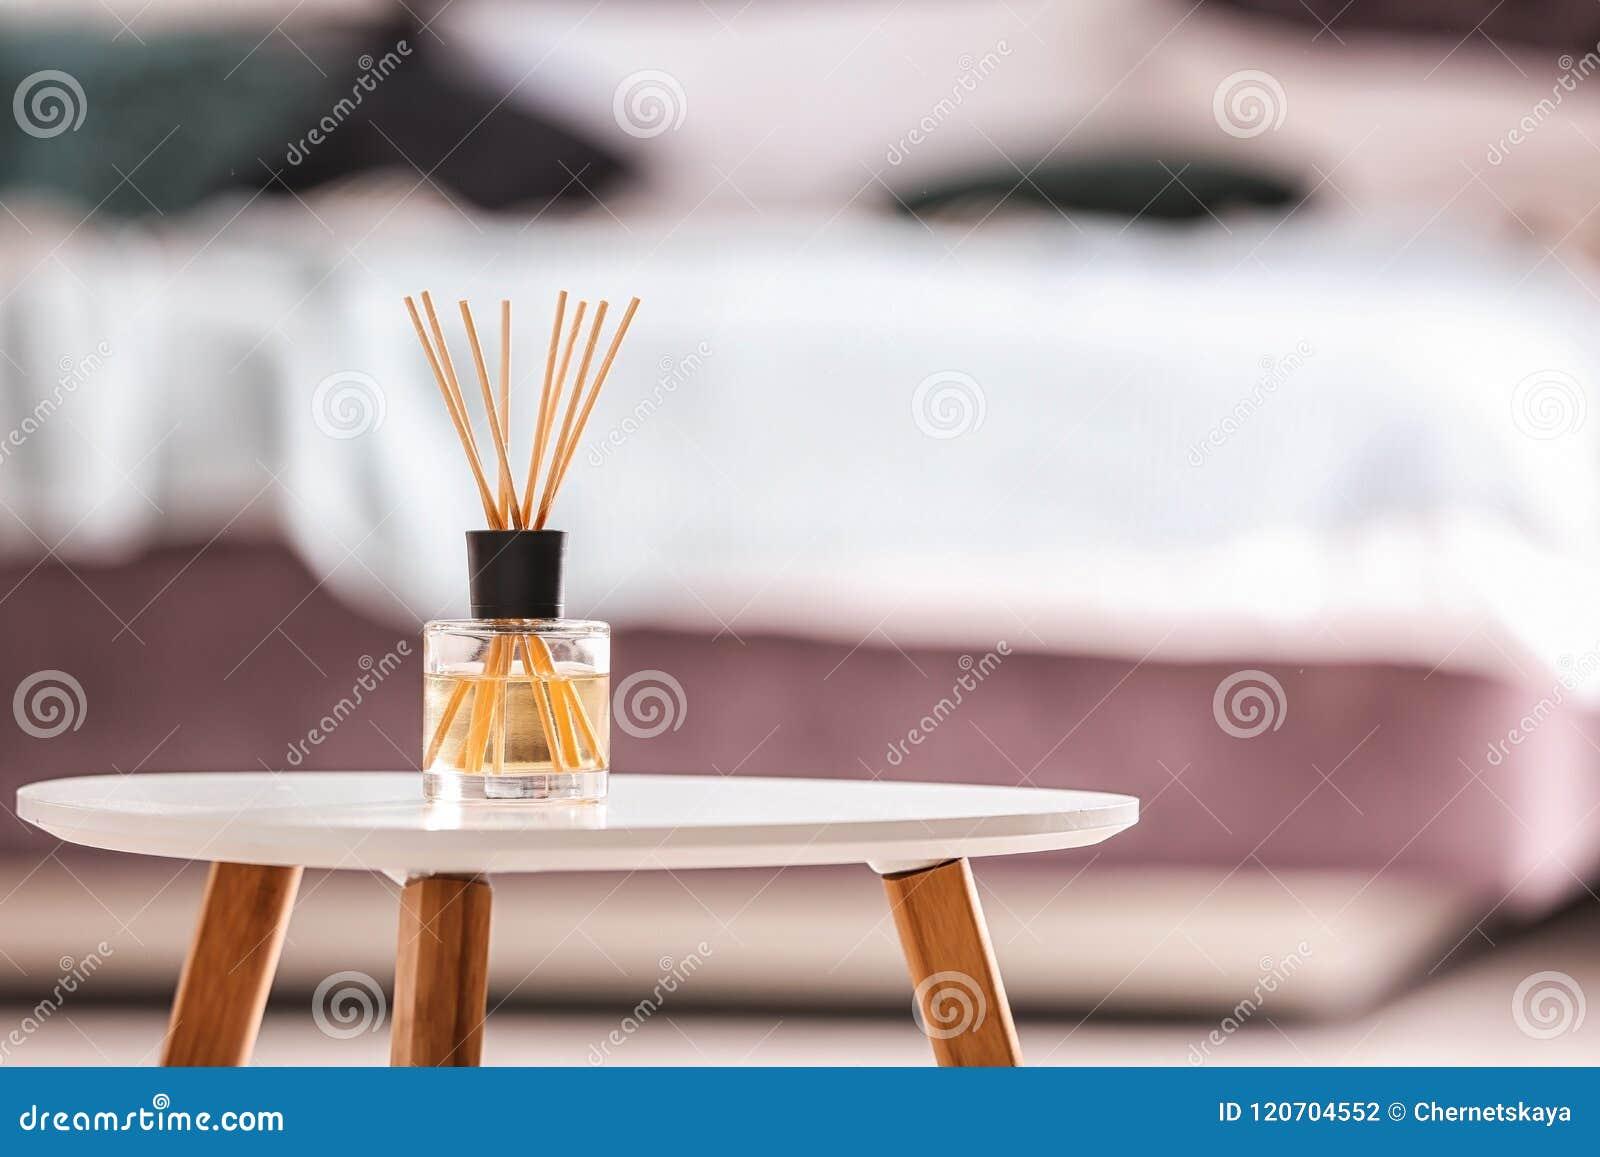 Aromatyczny trzcinowy lotniczy freshener na stole